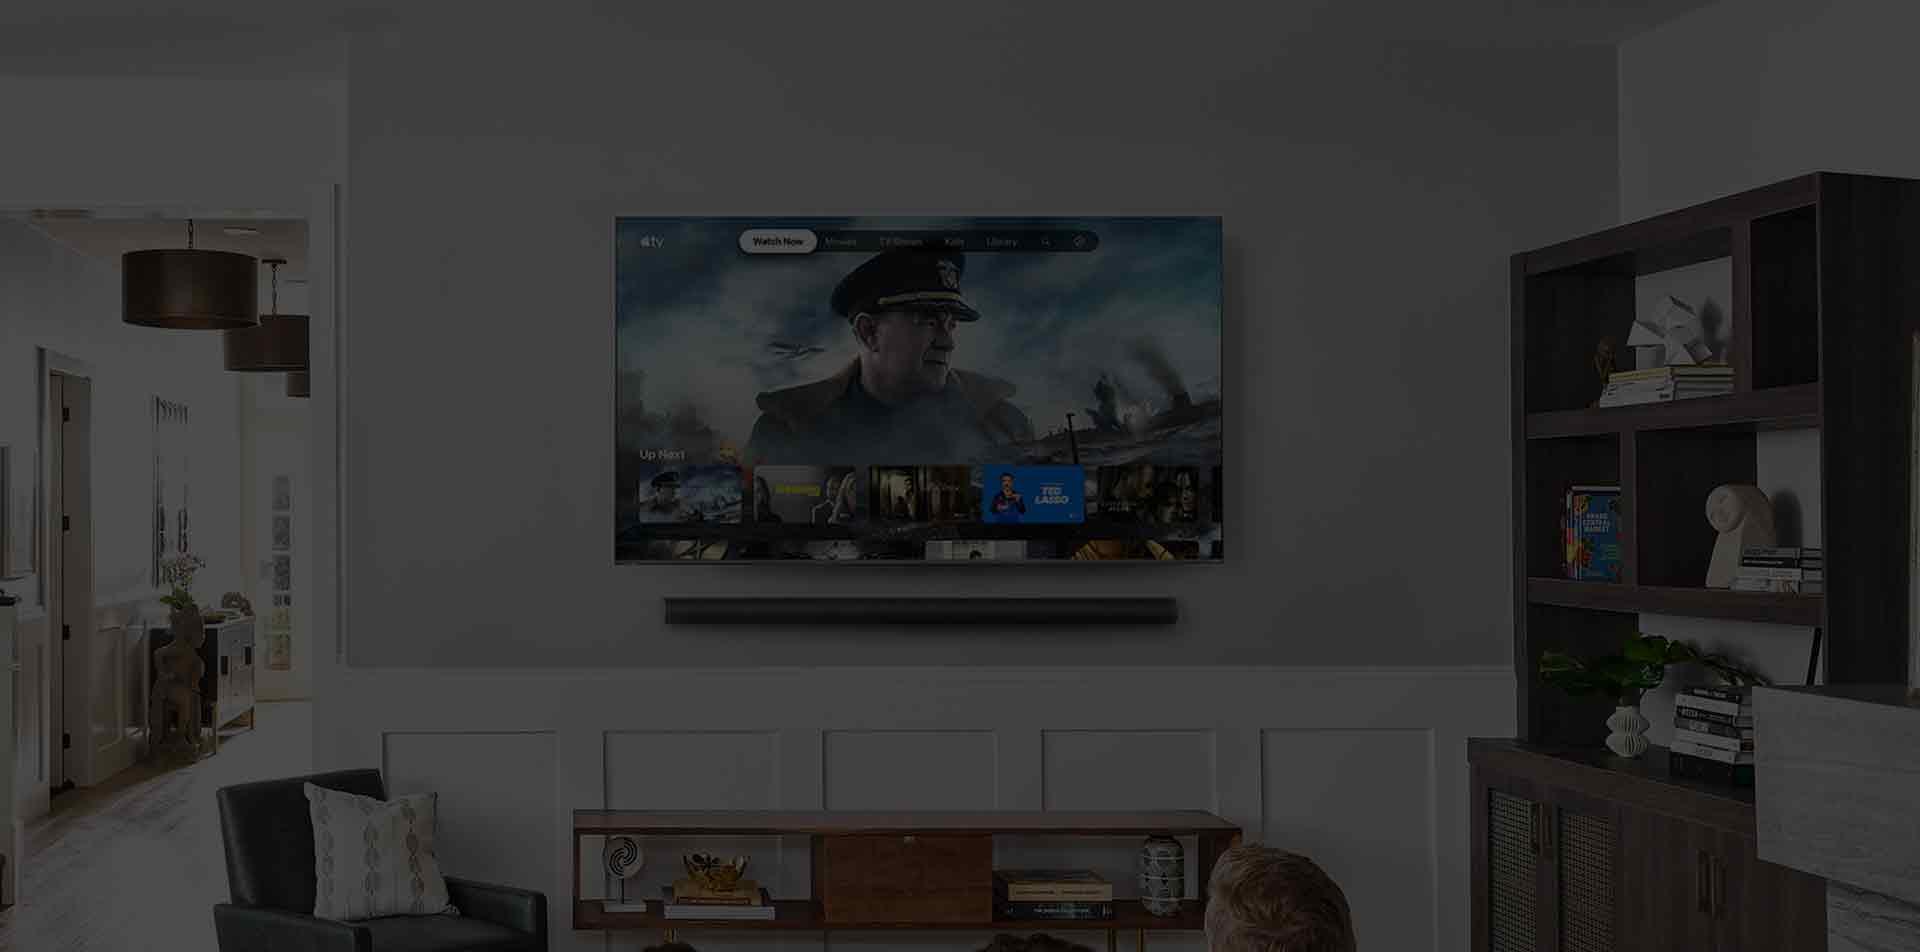 سرویس تلویزیون جی پلاس در منزل